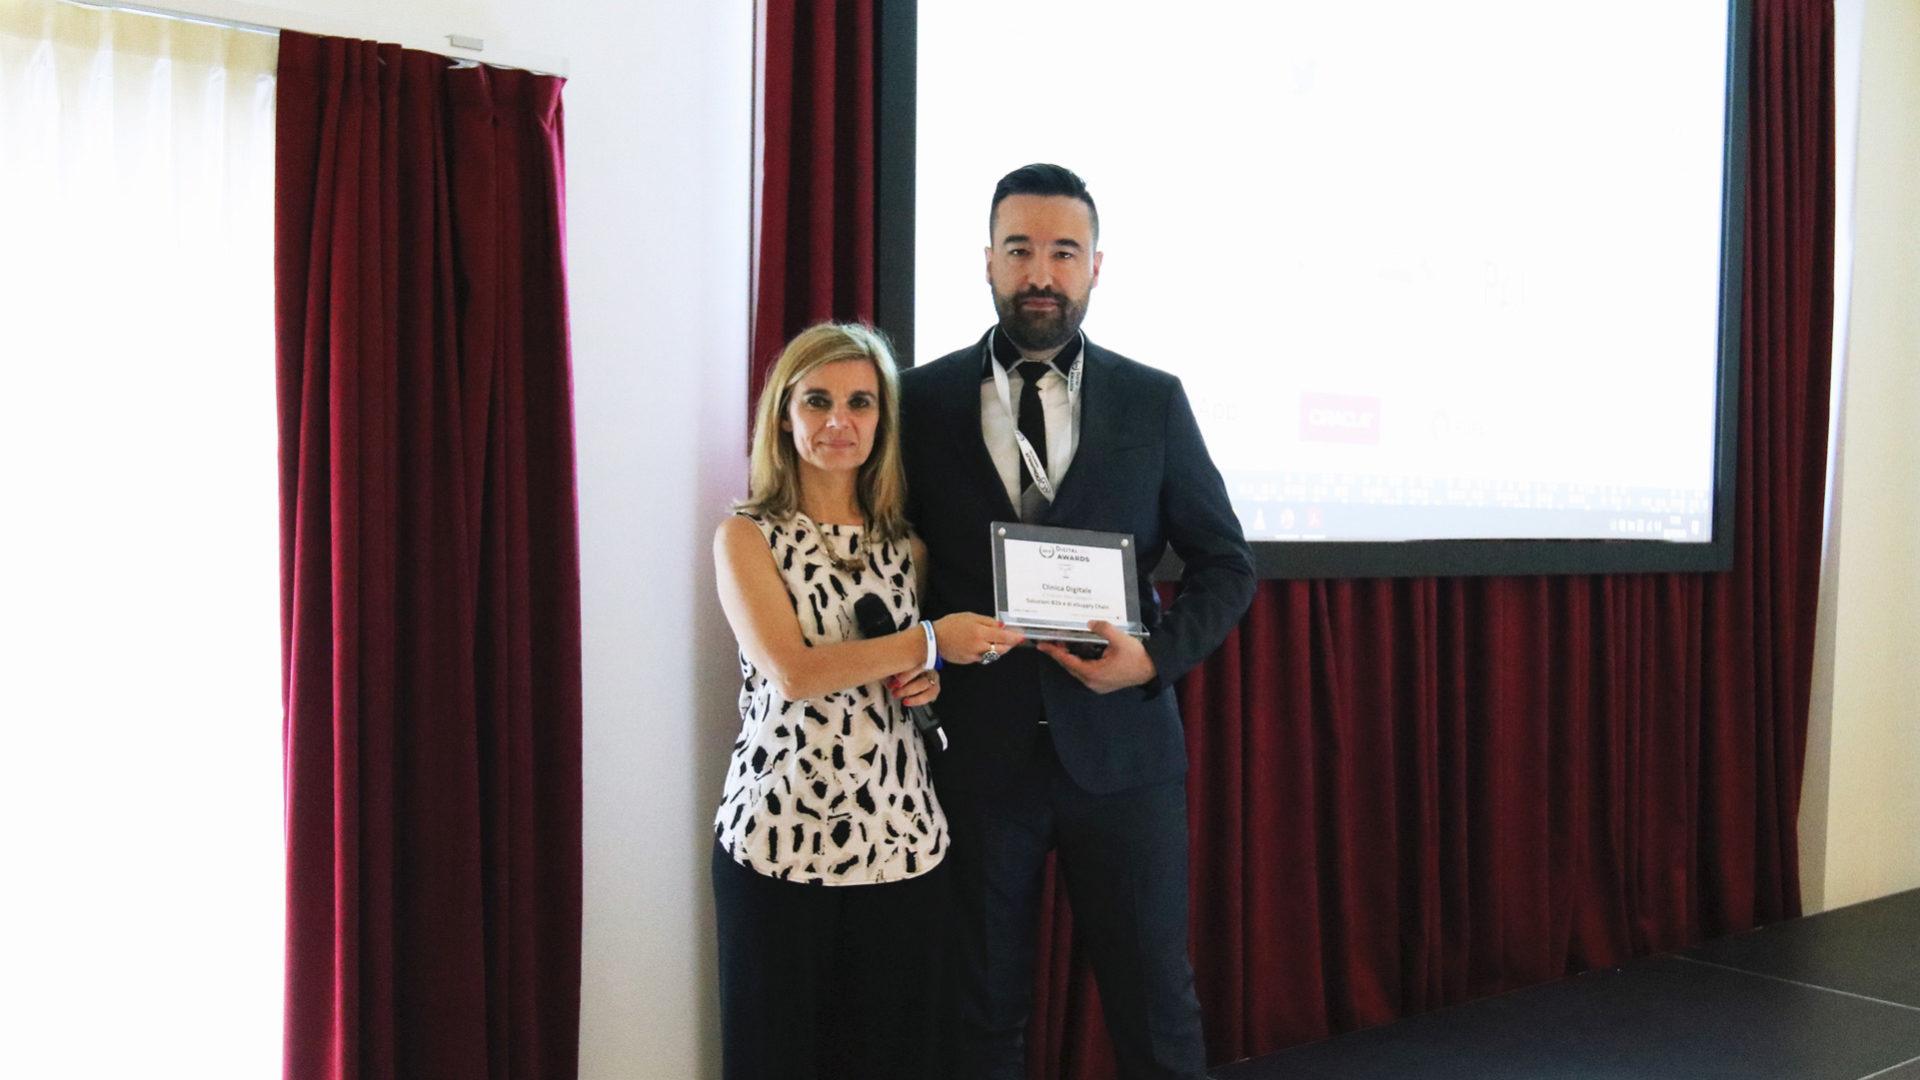 premiazione di clinica digitale